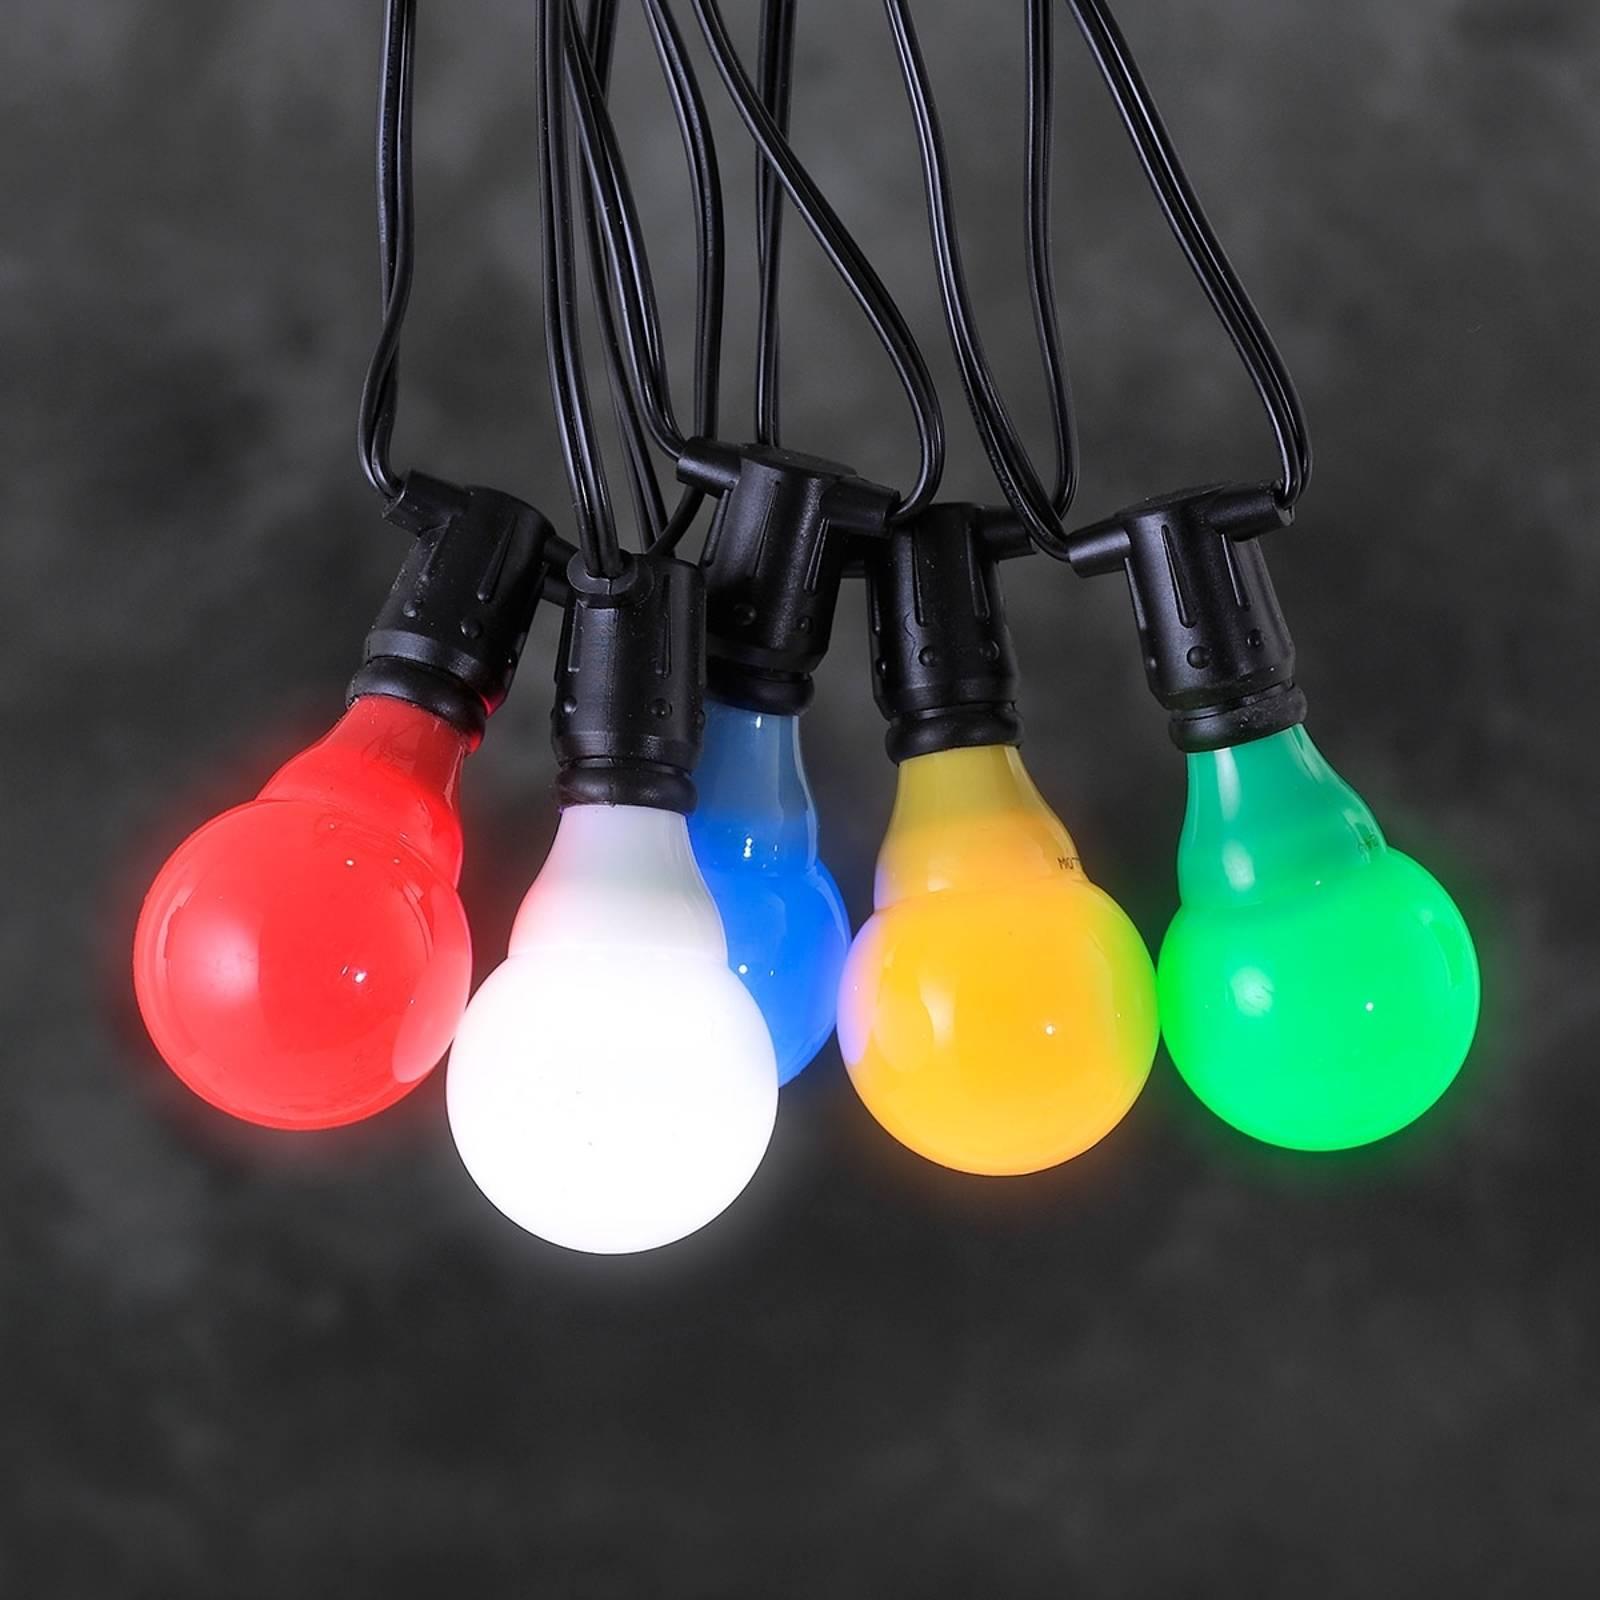 24V-järjestelmä terassivaloketju LED E10 värikäs